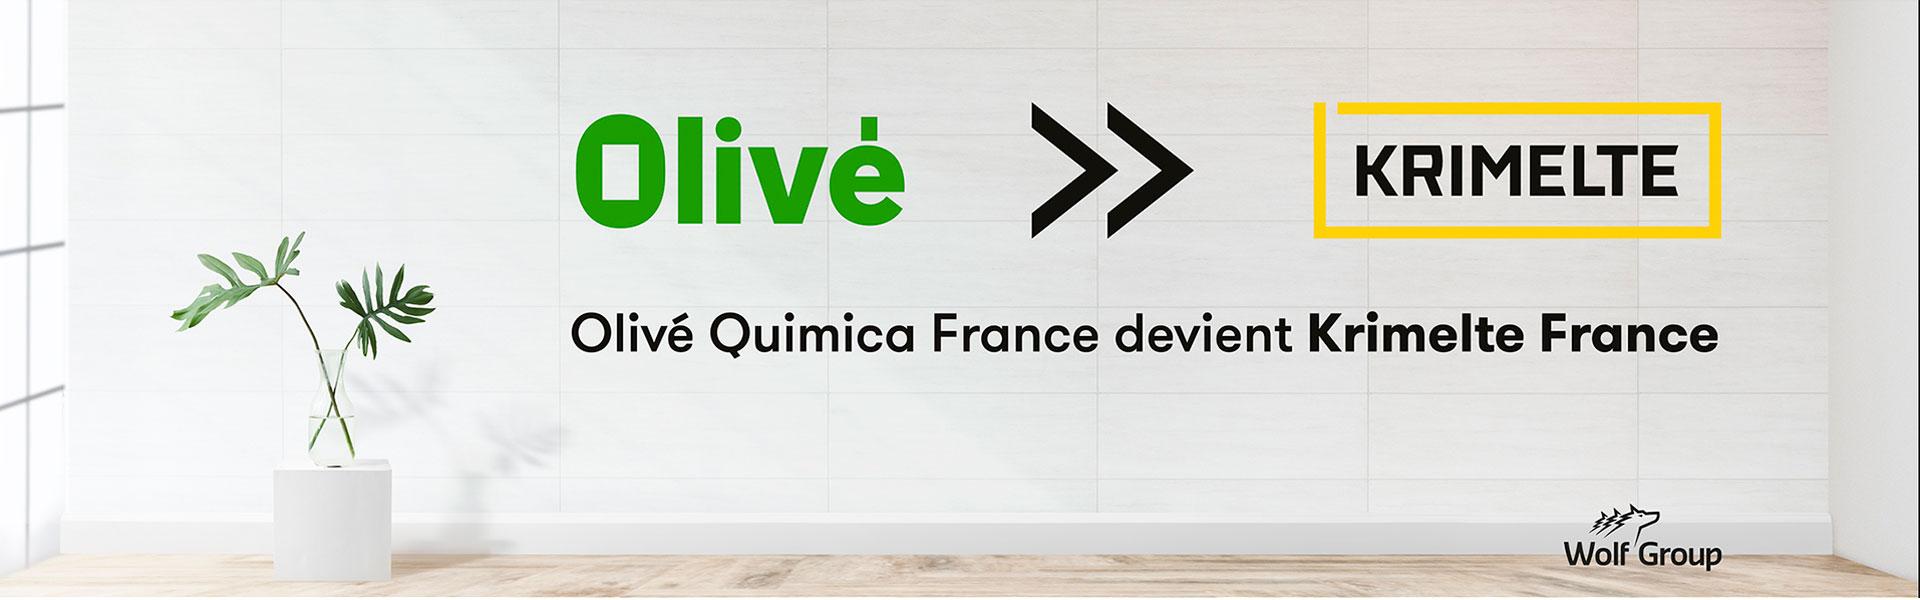 Olivé France devient Krimelte France